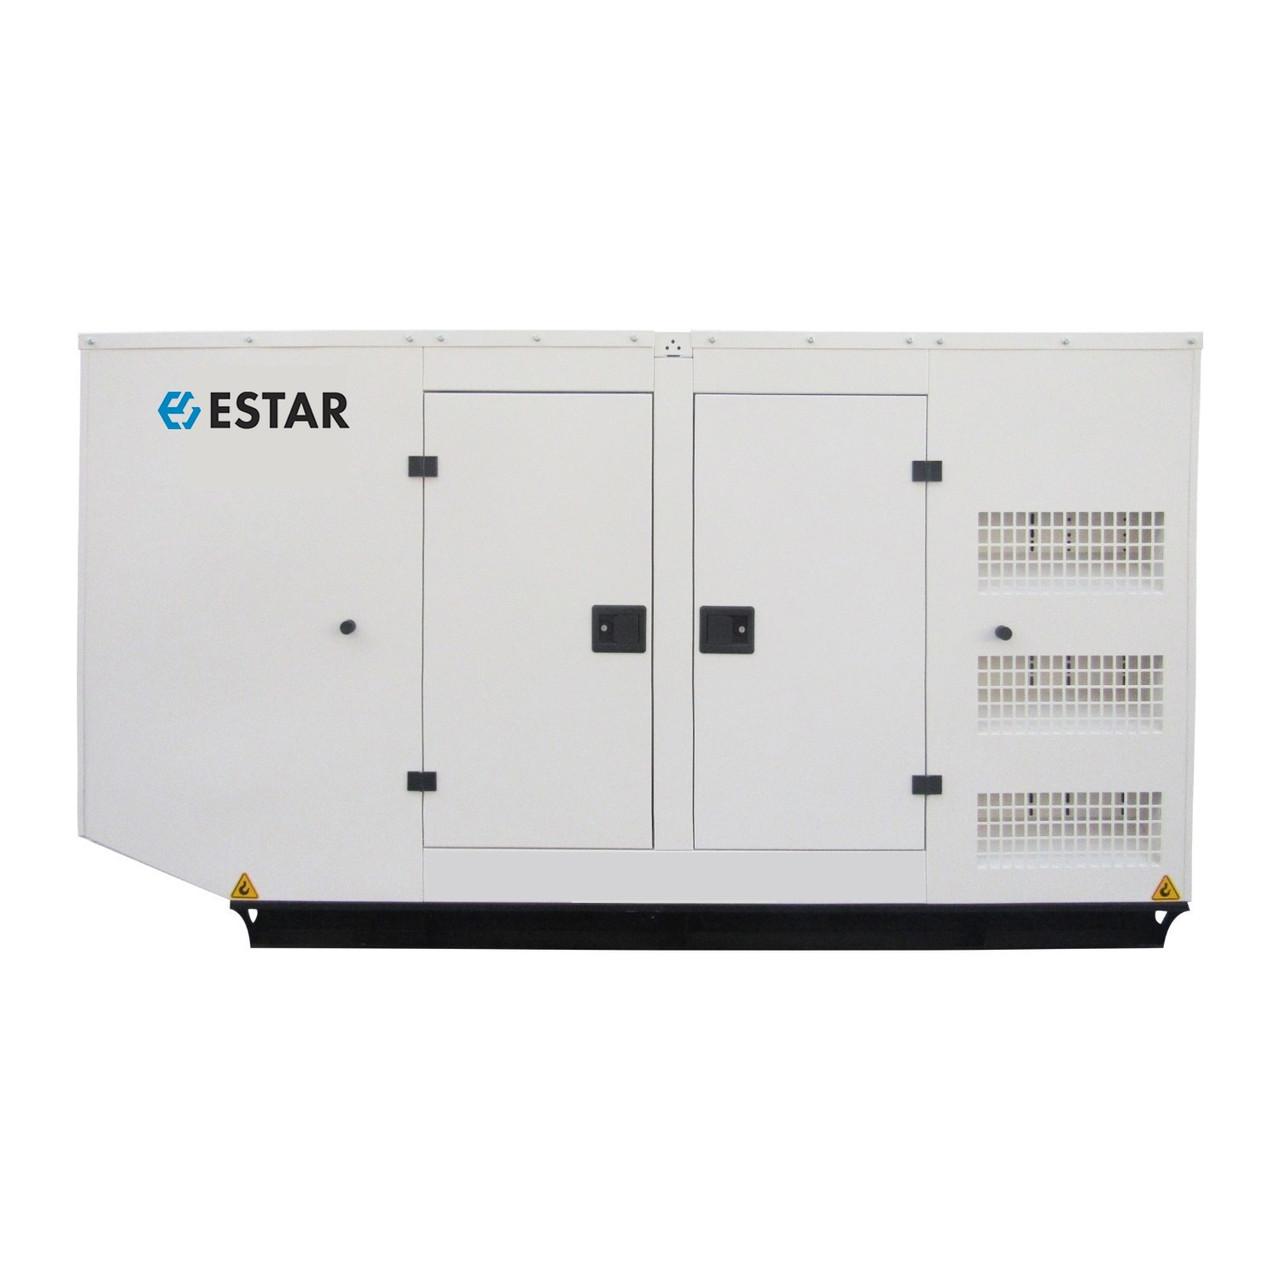 ⚡ESTAR ES350-RSA (280 кВт) + АВР (подогрев и автоматический запуск)